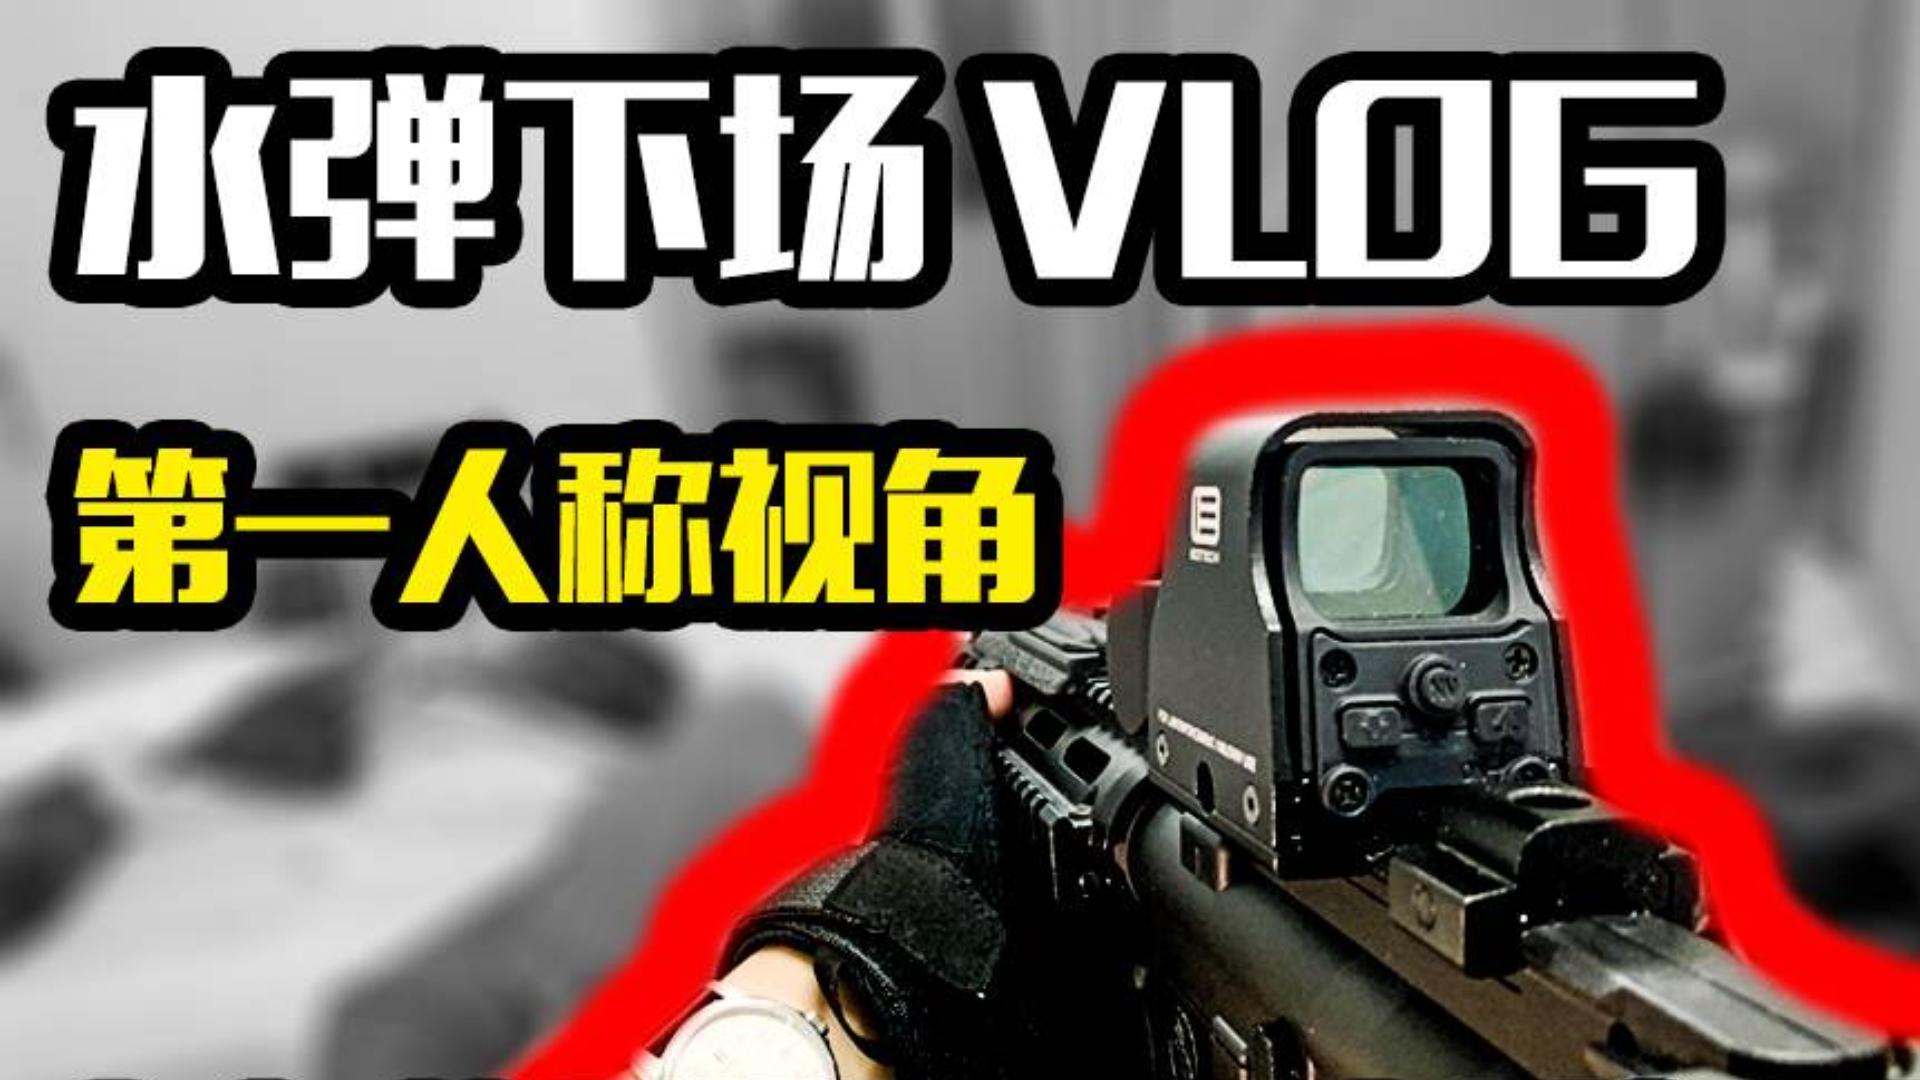 【水弹】第一人称看多年的FPS玩家下场玩水弹会怎么样(首支水弹下场Vlog)